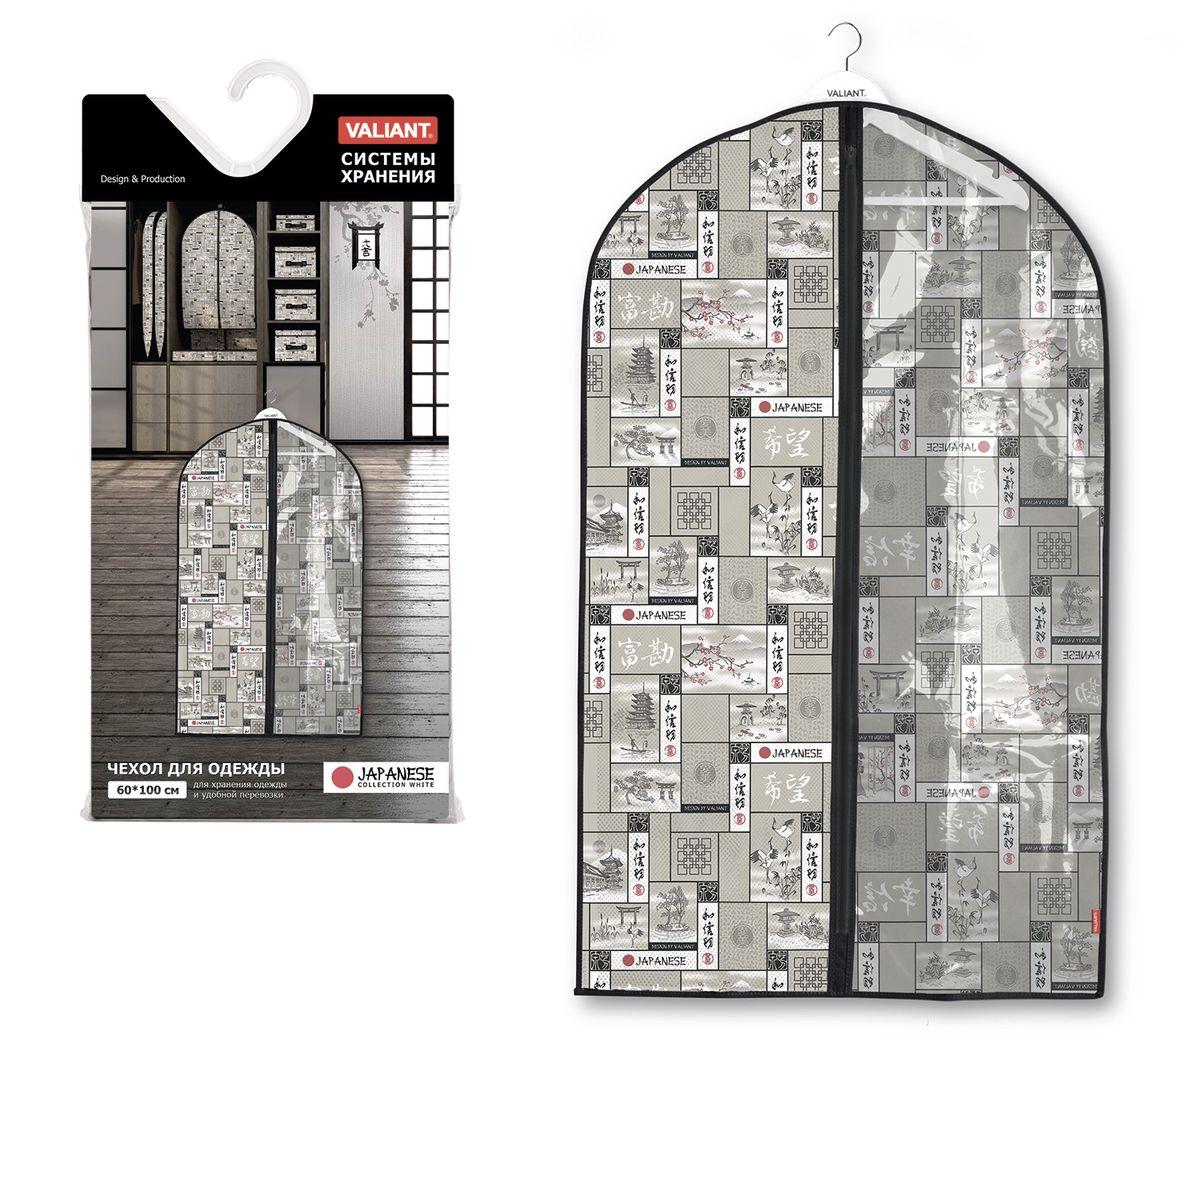 Чехол для одежды Valiant Japanese White, с прозрачной вставкой, 60 х 100 х 10 см74-0060Удобный чехол для одежды Valiant Japanese White, выполненный из высококачественного нетканого материала, идеально подойдет для транспортировки и хранения одежды. Материал позволяет воздуху свободно проникать внутрь, не пропуская пыль. Такой чехол защитит одежду от повреждений, пыли, моли, влаги и загрязнений во время хранения и транспортировки. Специальная прозрачная вставка позволяет видеть содержимое чехла, не открывая его.